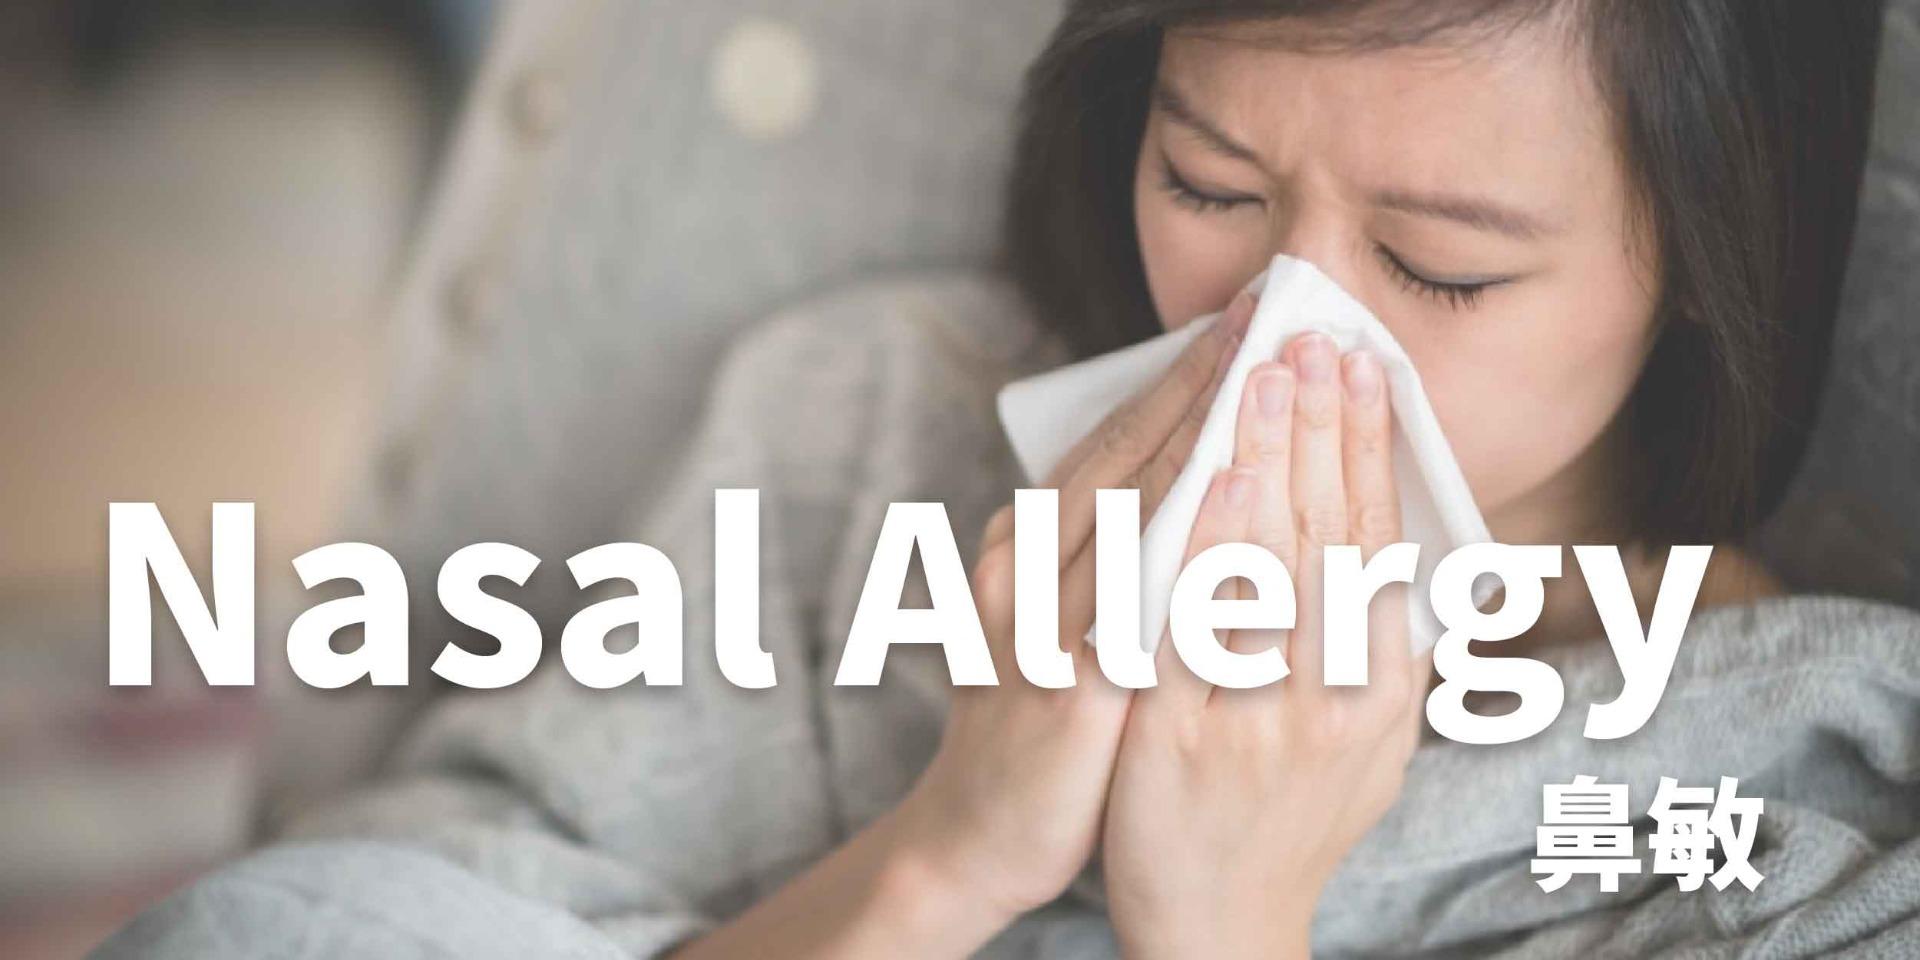 鼻敏,AQ Bio消毒殺菌噴霧、殺菌達99.9999%, 對抗濕疹,暗瘡,皮膚敏感,念珠菌,鼻敏感,喉嚨痛, 助皮膚修護細胞, 產生抗菌能